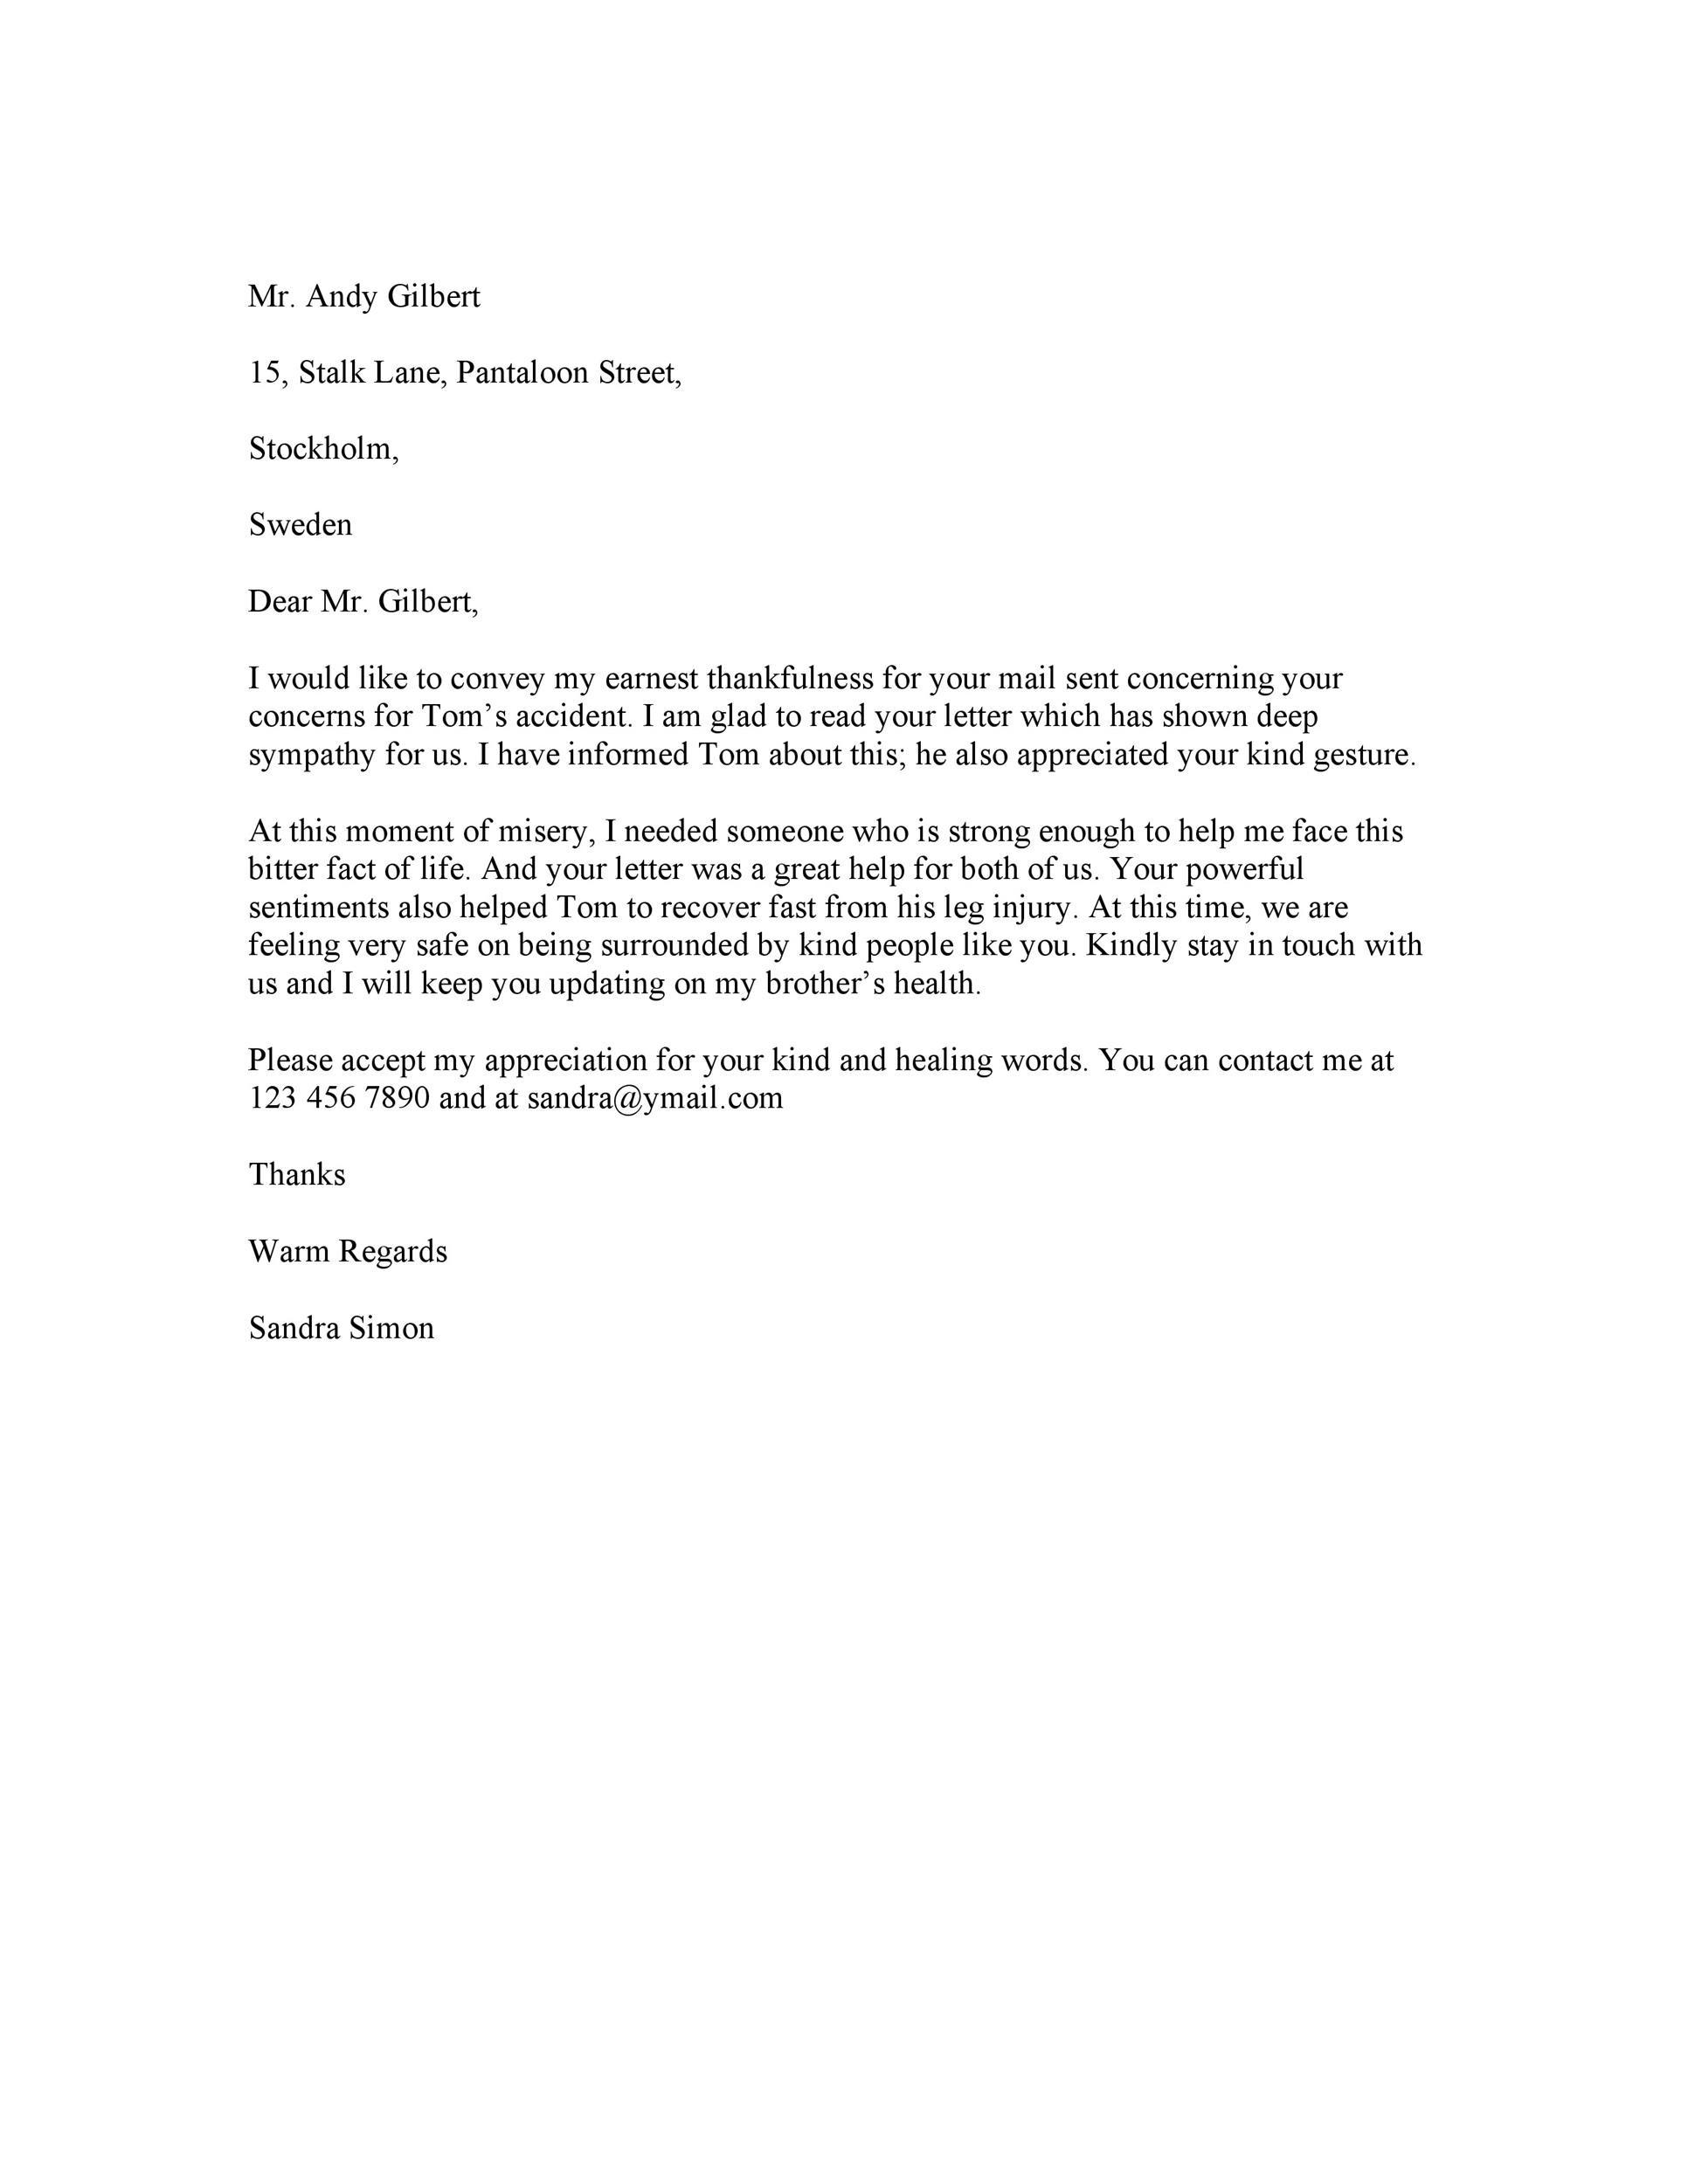 Free condolence letter 19